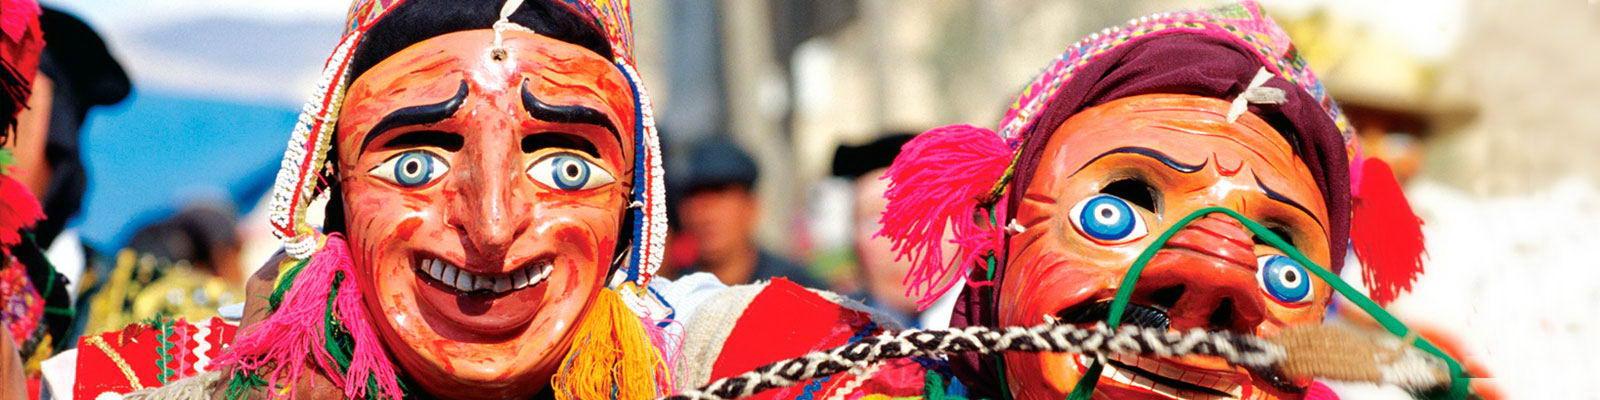 Events in Peru - Celebrations of Peru   Peru Travel